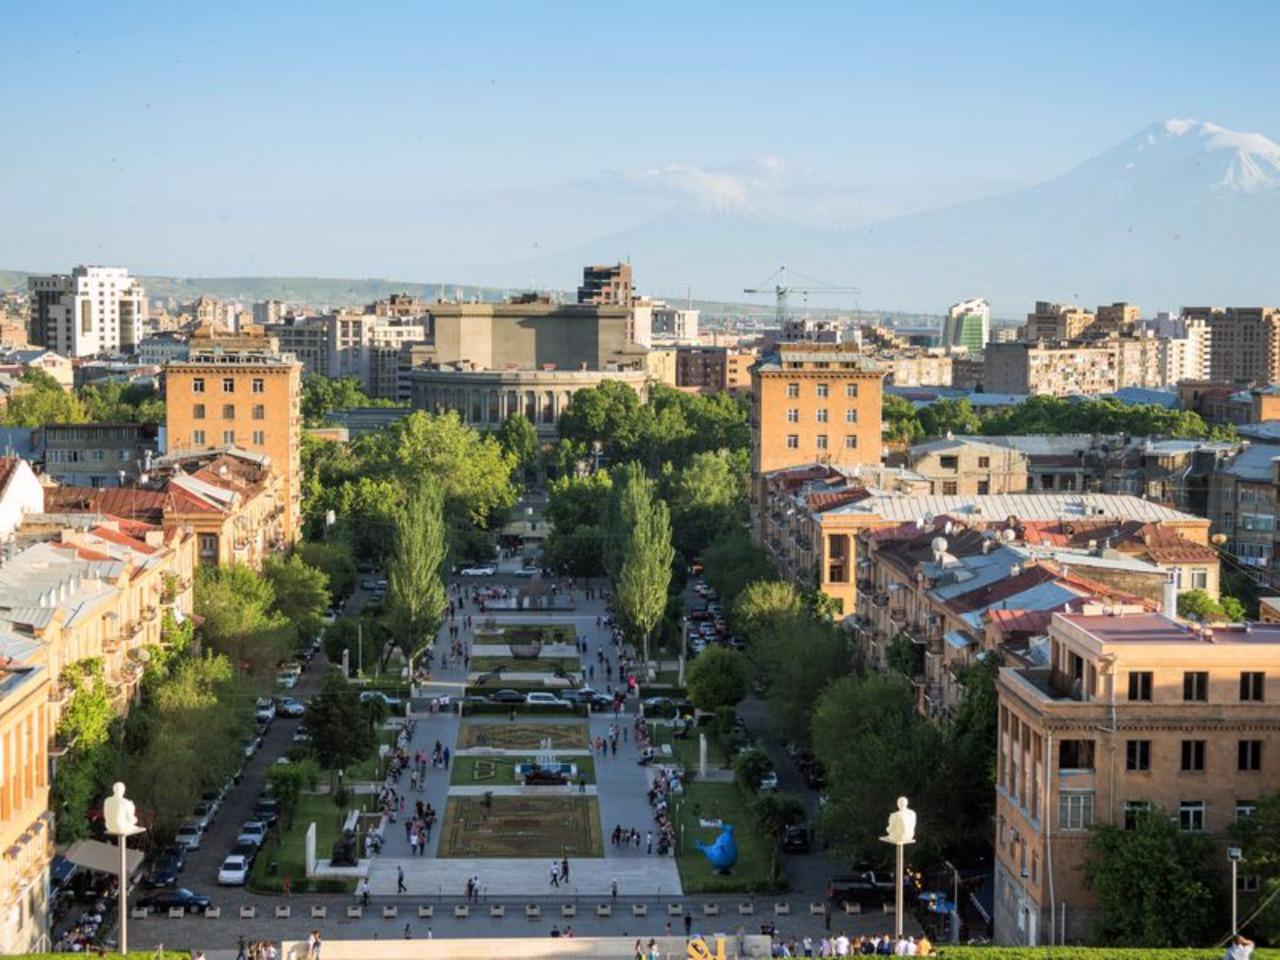 Обзорная экскурсия по Еревану. Синий маршрут - групповая экскурсия в Ереване от опытного гида